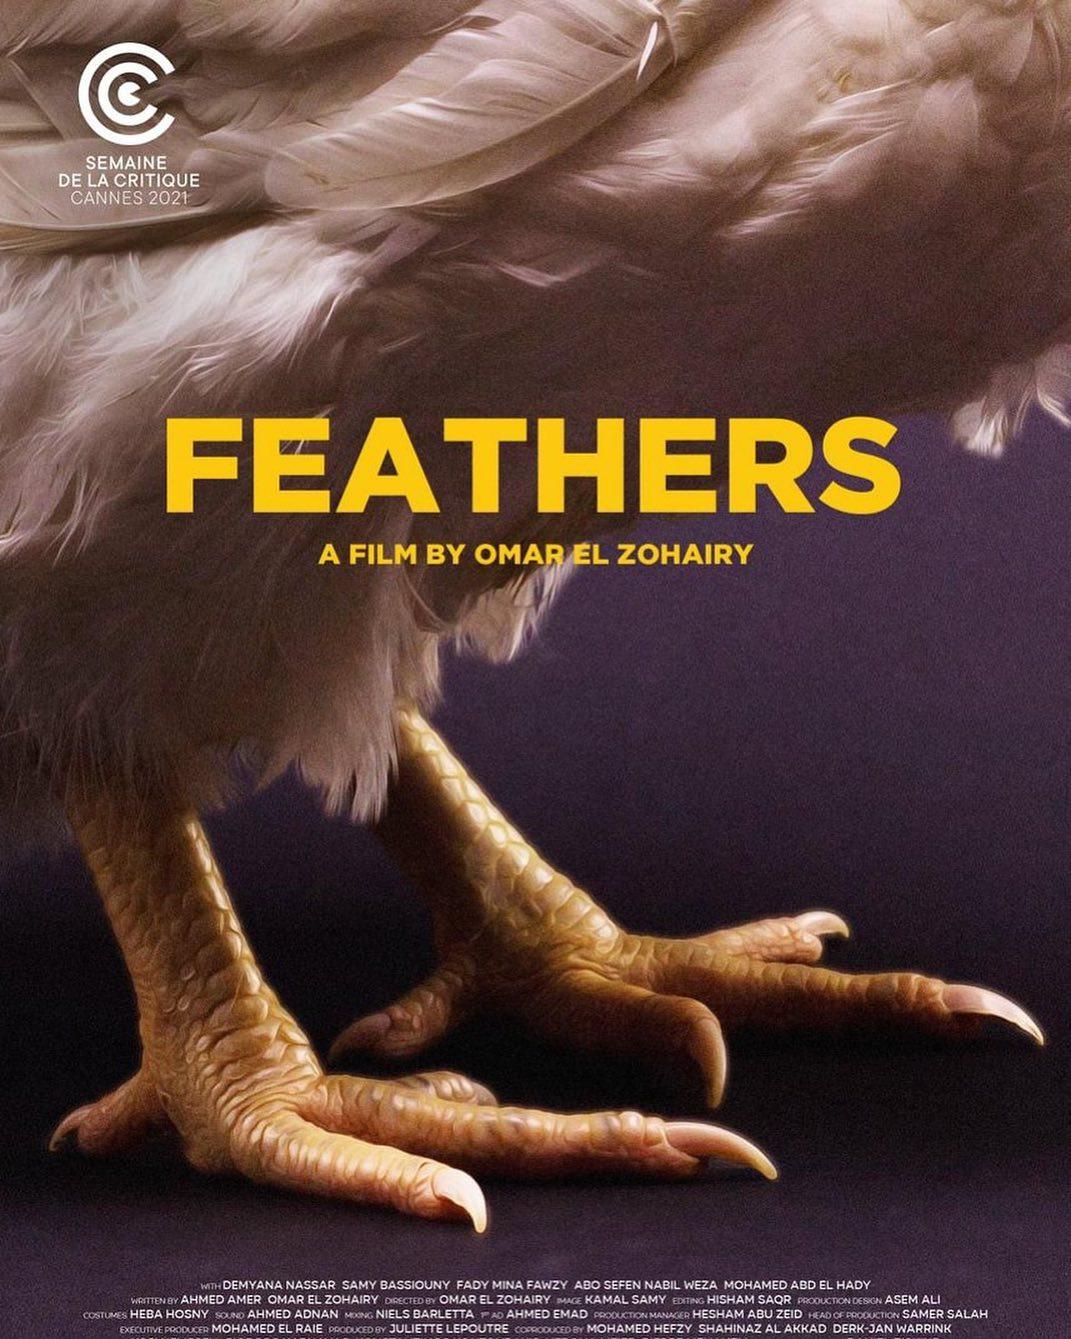 """FRANCE  : """"Feathers""""  remporte le Grand prix de la Semaine de la critique"""